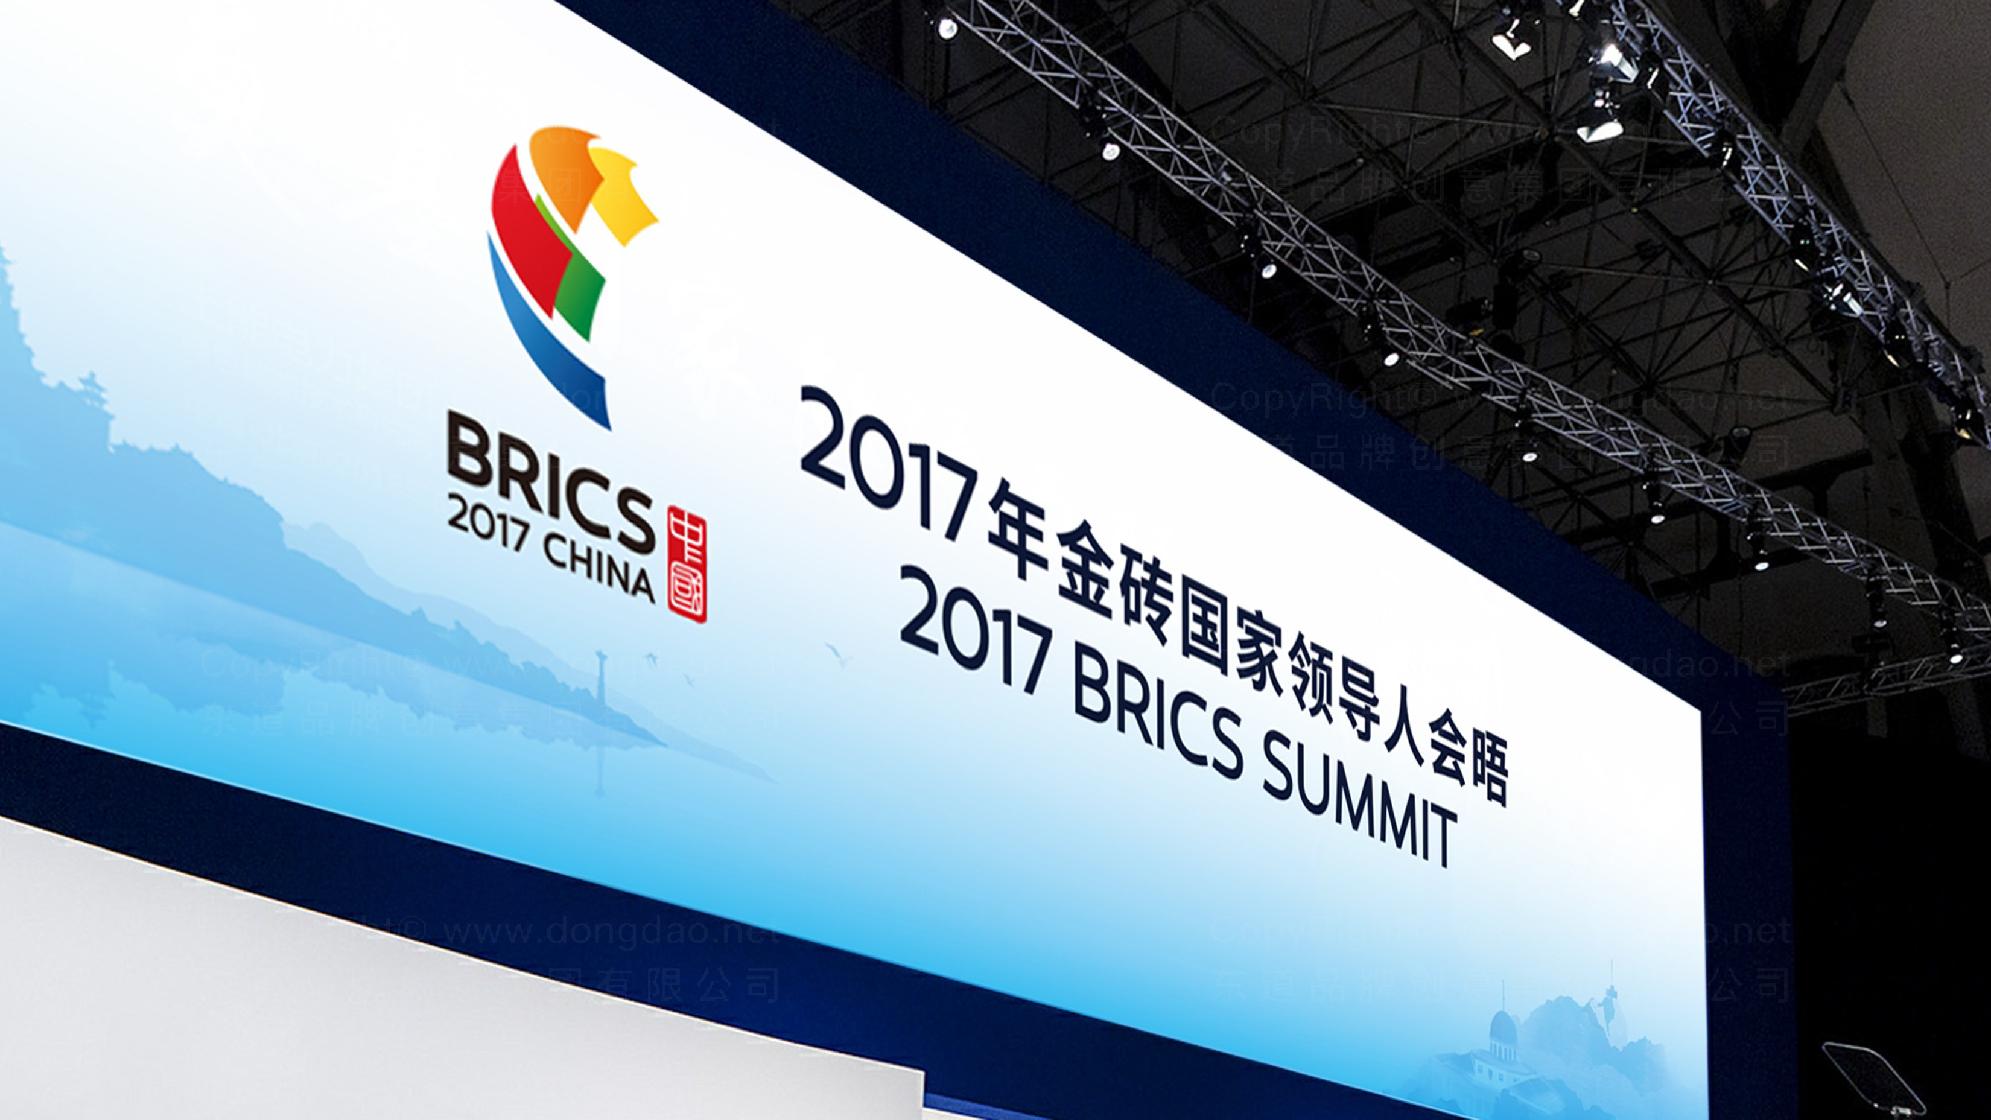 金砖峰会2017logo设计应用场景_4